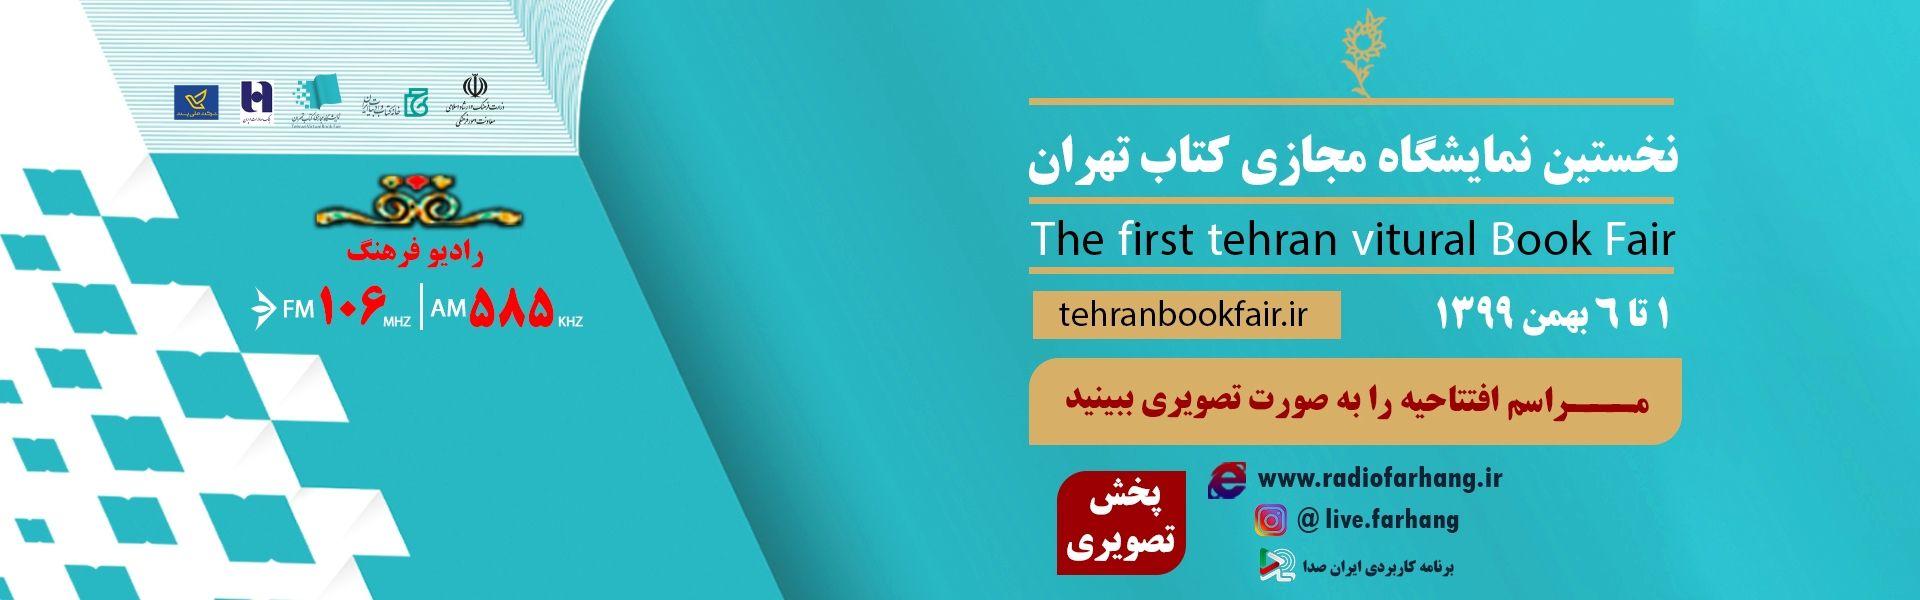 پخش تصویری مراسم افتتاحیه نخستین نمایشگاه مجازی کتاب تهران سه شنبه 30 دی ساعت 08:45